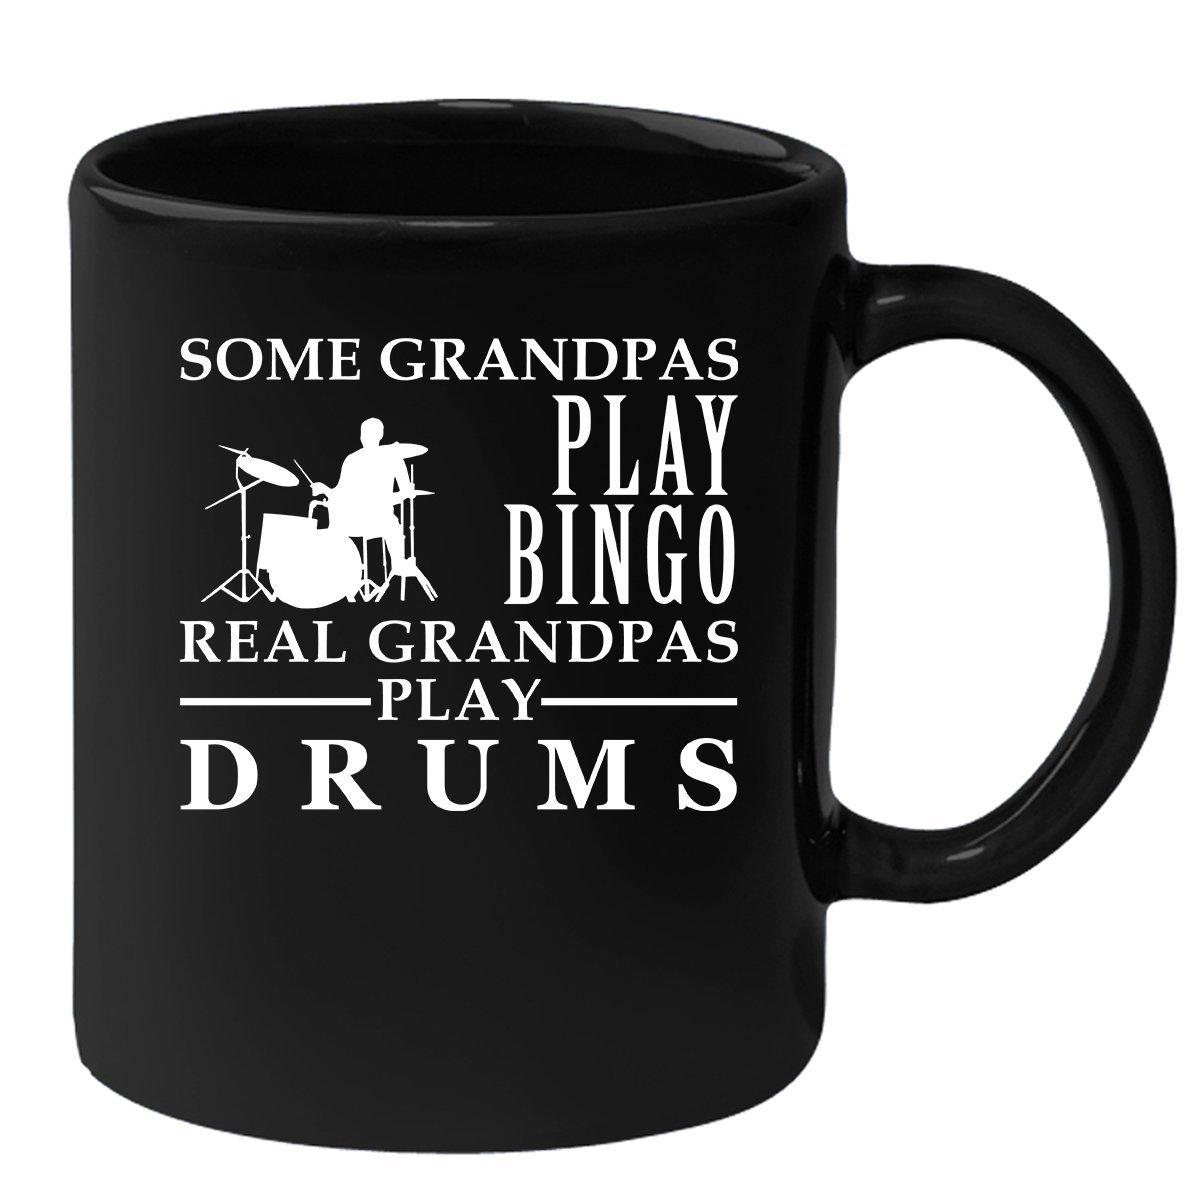 Drums Black Mug, Grandpa Birthday Present Mug, Funny Mug for Coffee 11oz Some Grandpas play bingo, real Grandpas play Drums